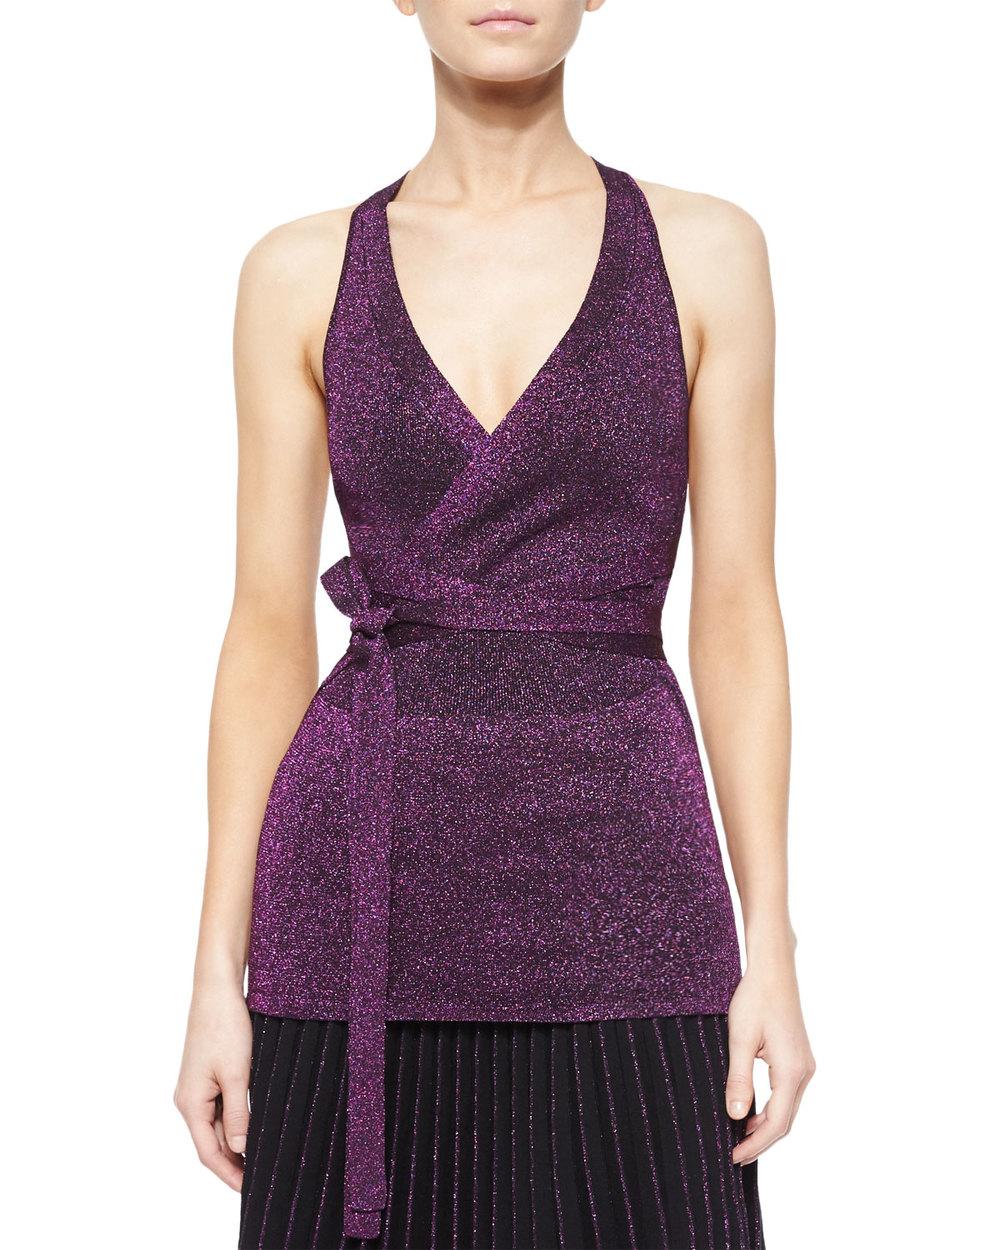 Ohne Titel Metallic Knit Tie-Waist Top, Magenta • $76.80 • Neiman Marcus